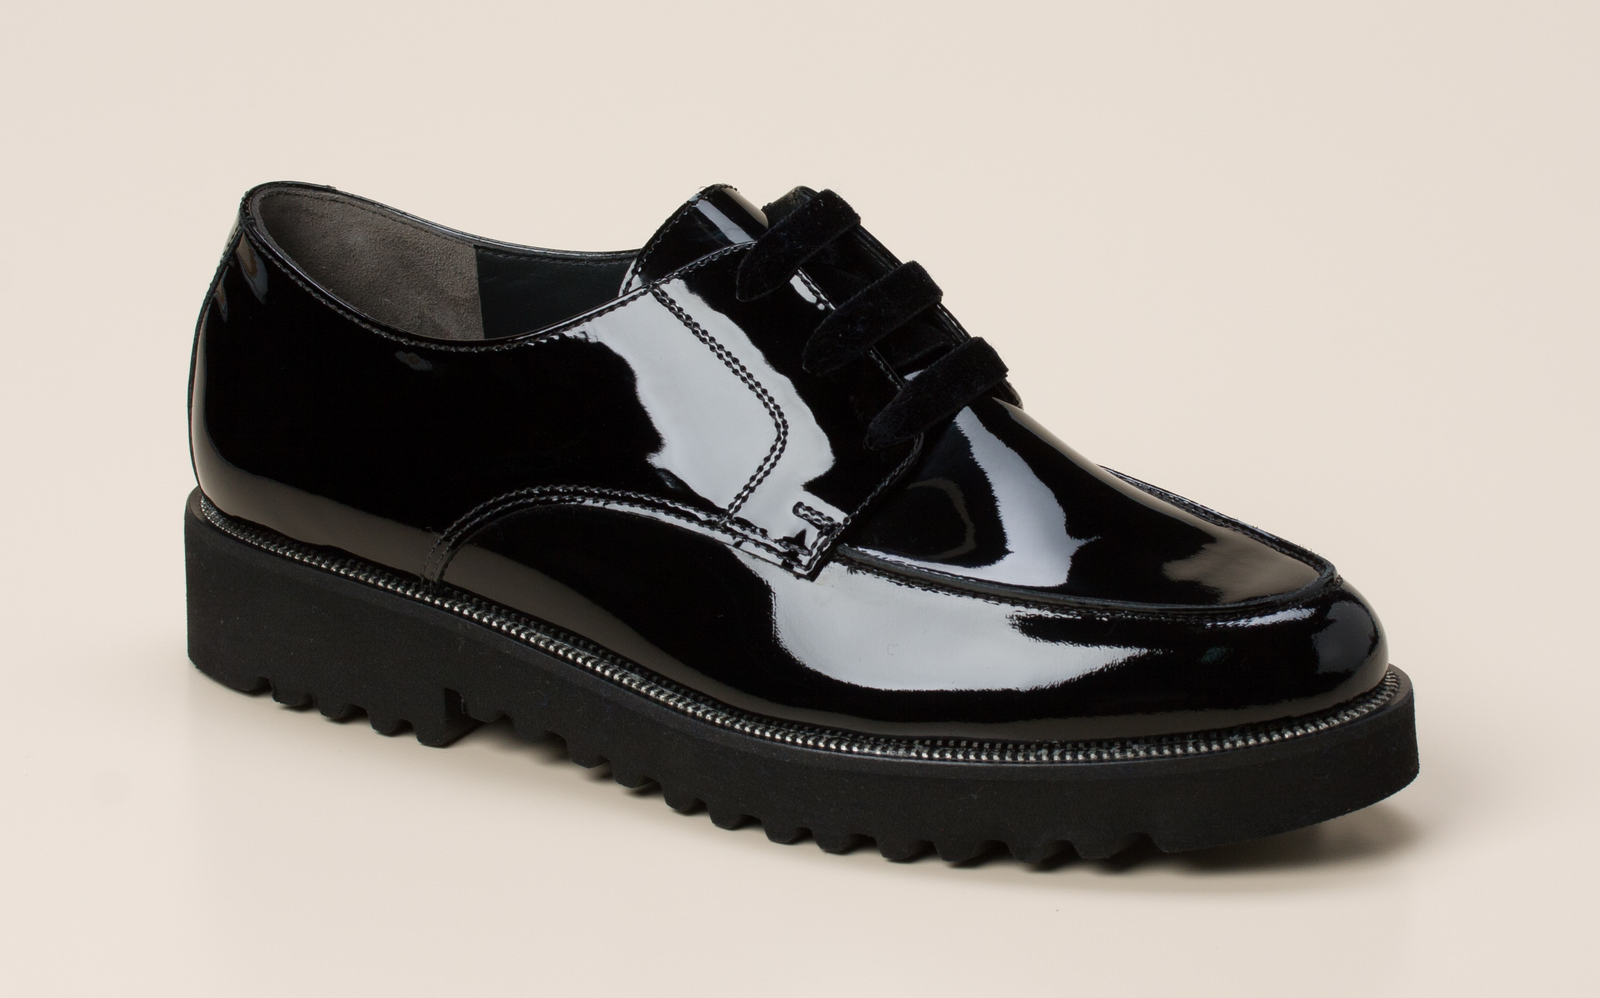 Paul Green Damen Schnürschuh in schwarz kaufen   Zumnorde Online-Shop c4aac0cae7